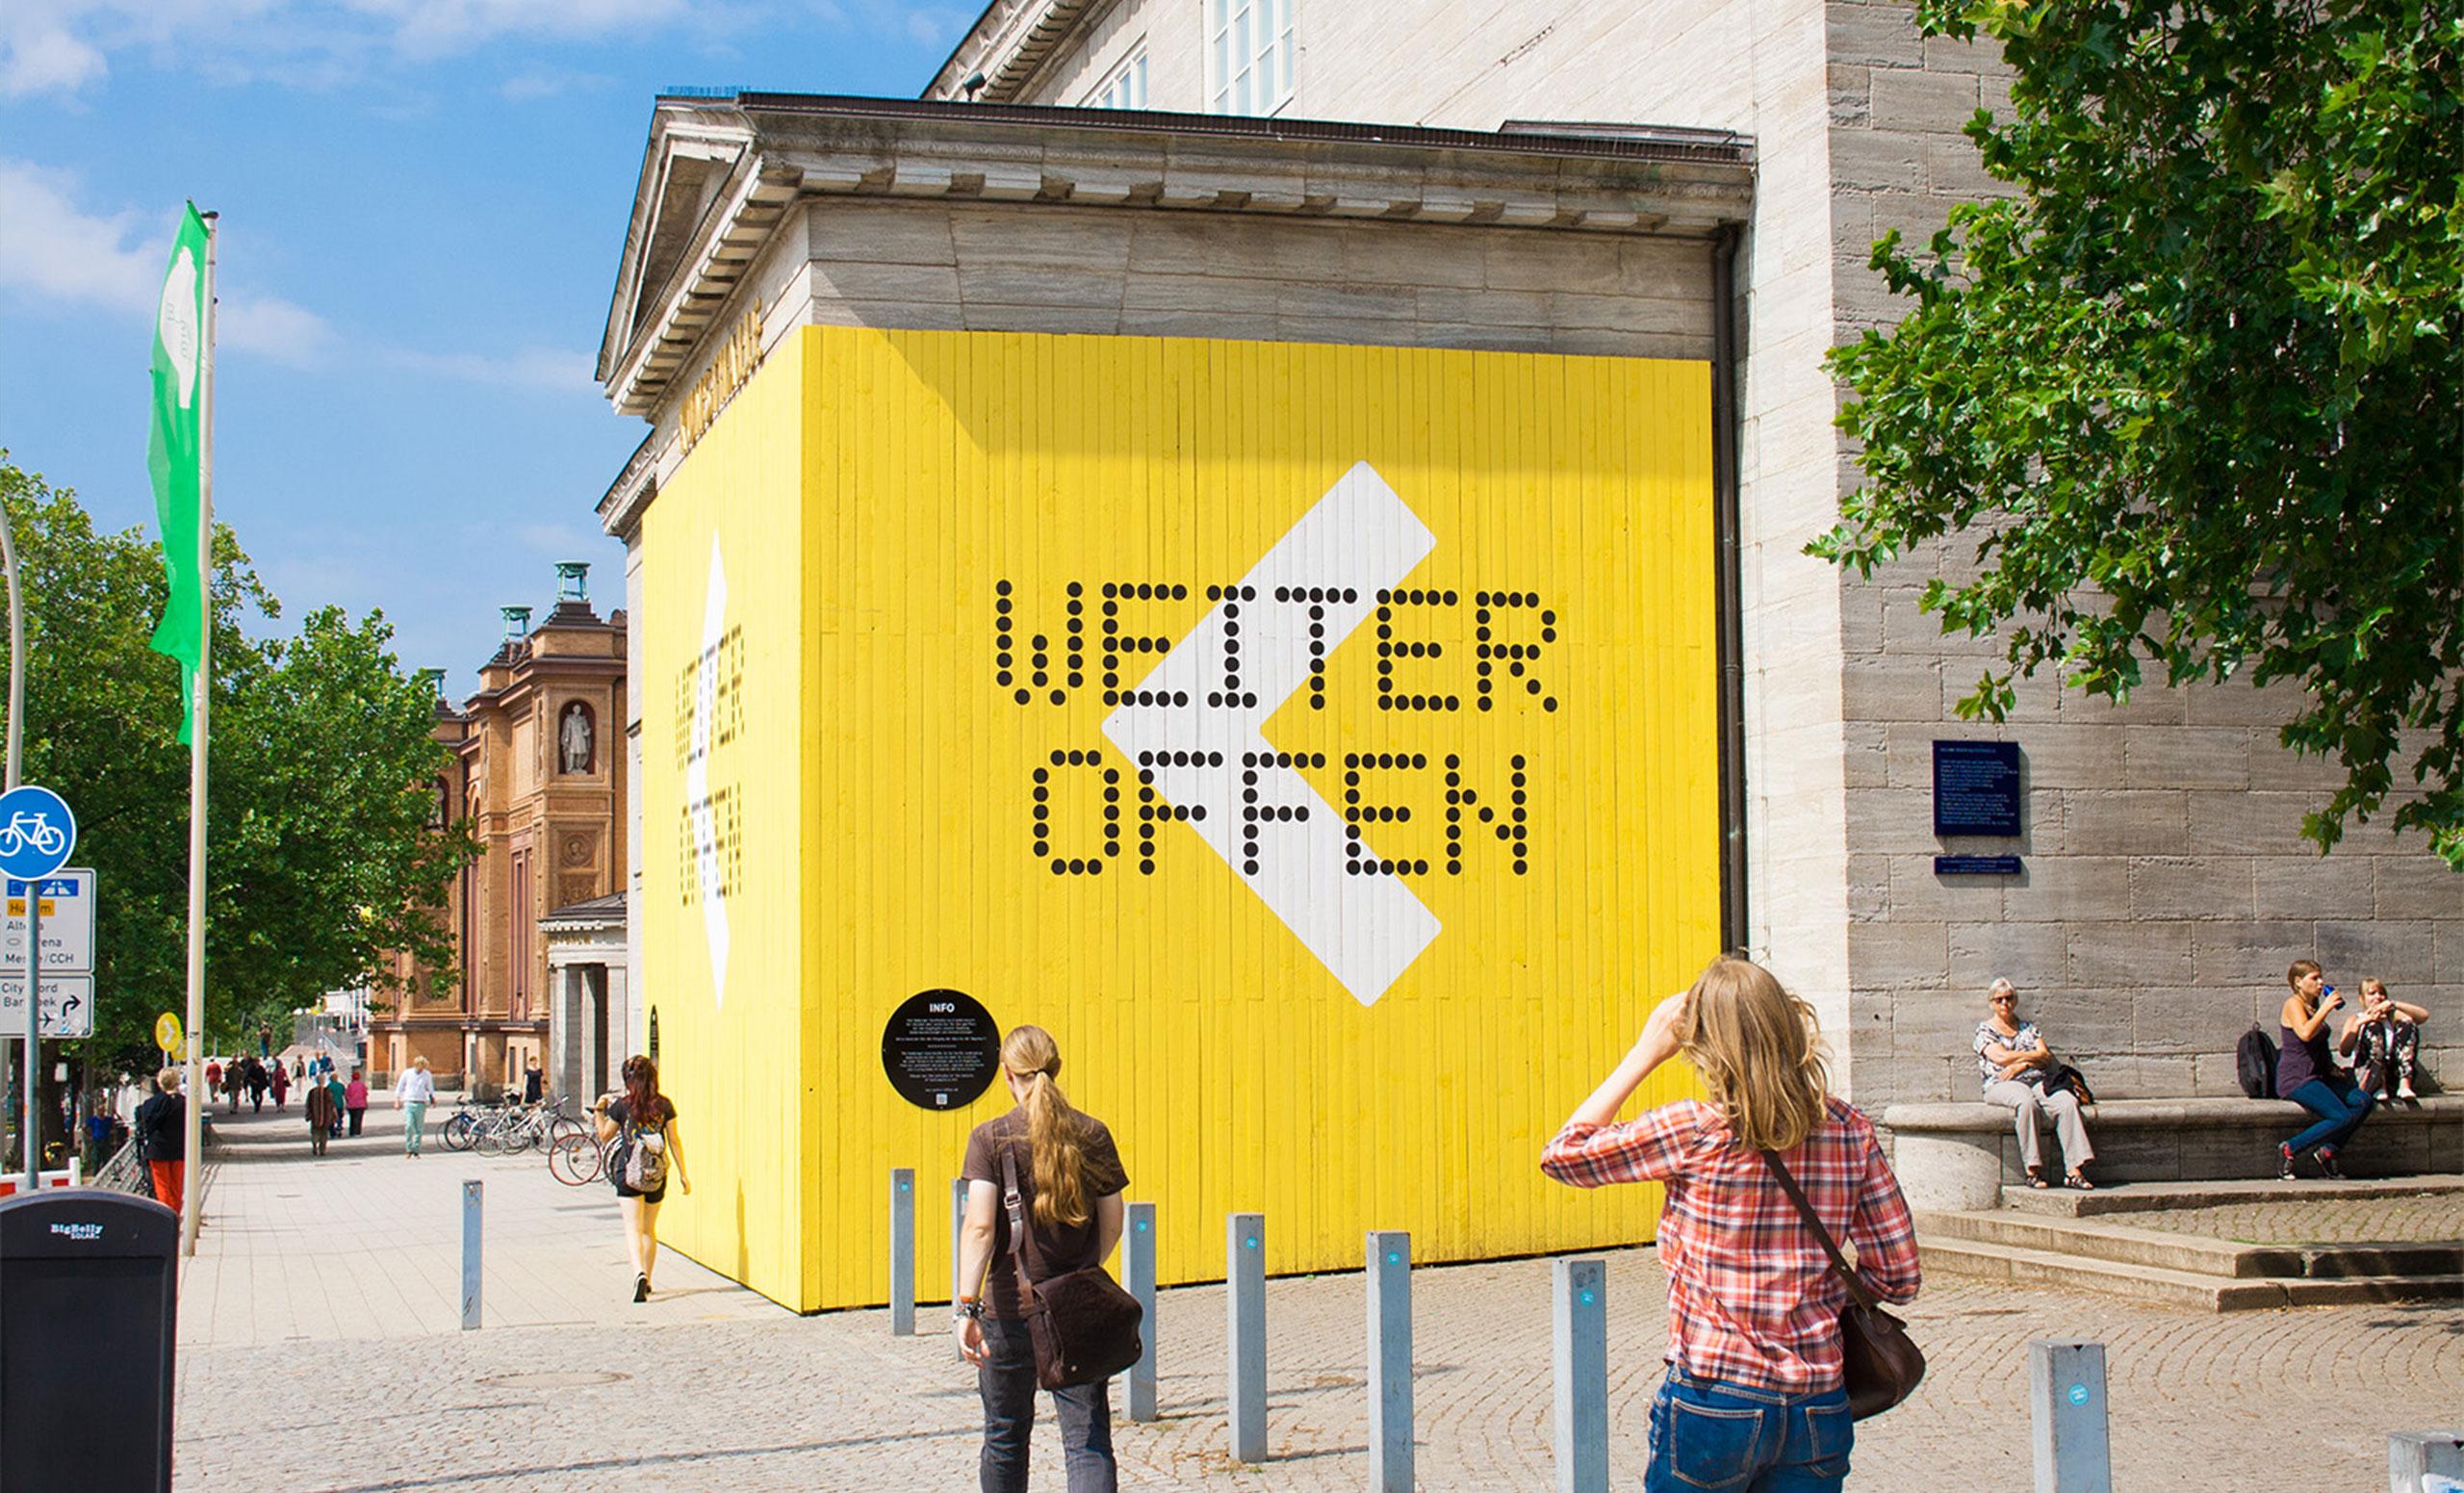 Qrfld-HamburgerKunsthalle-WeiterOffen-2-2560x1551